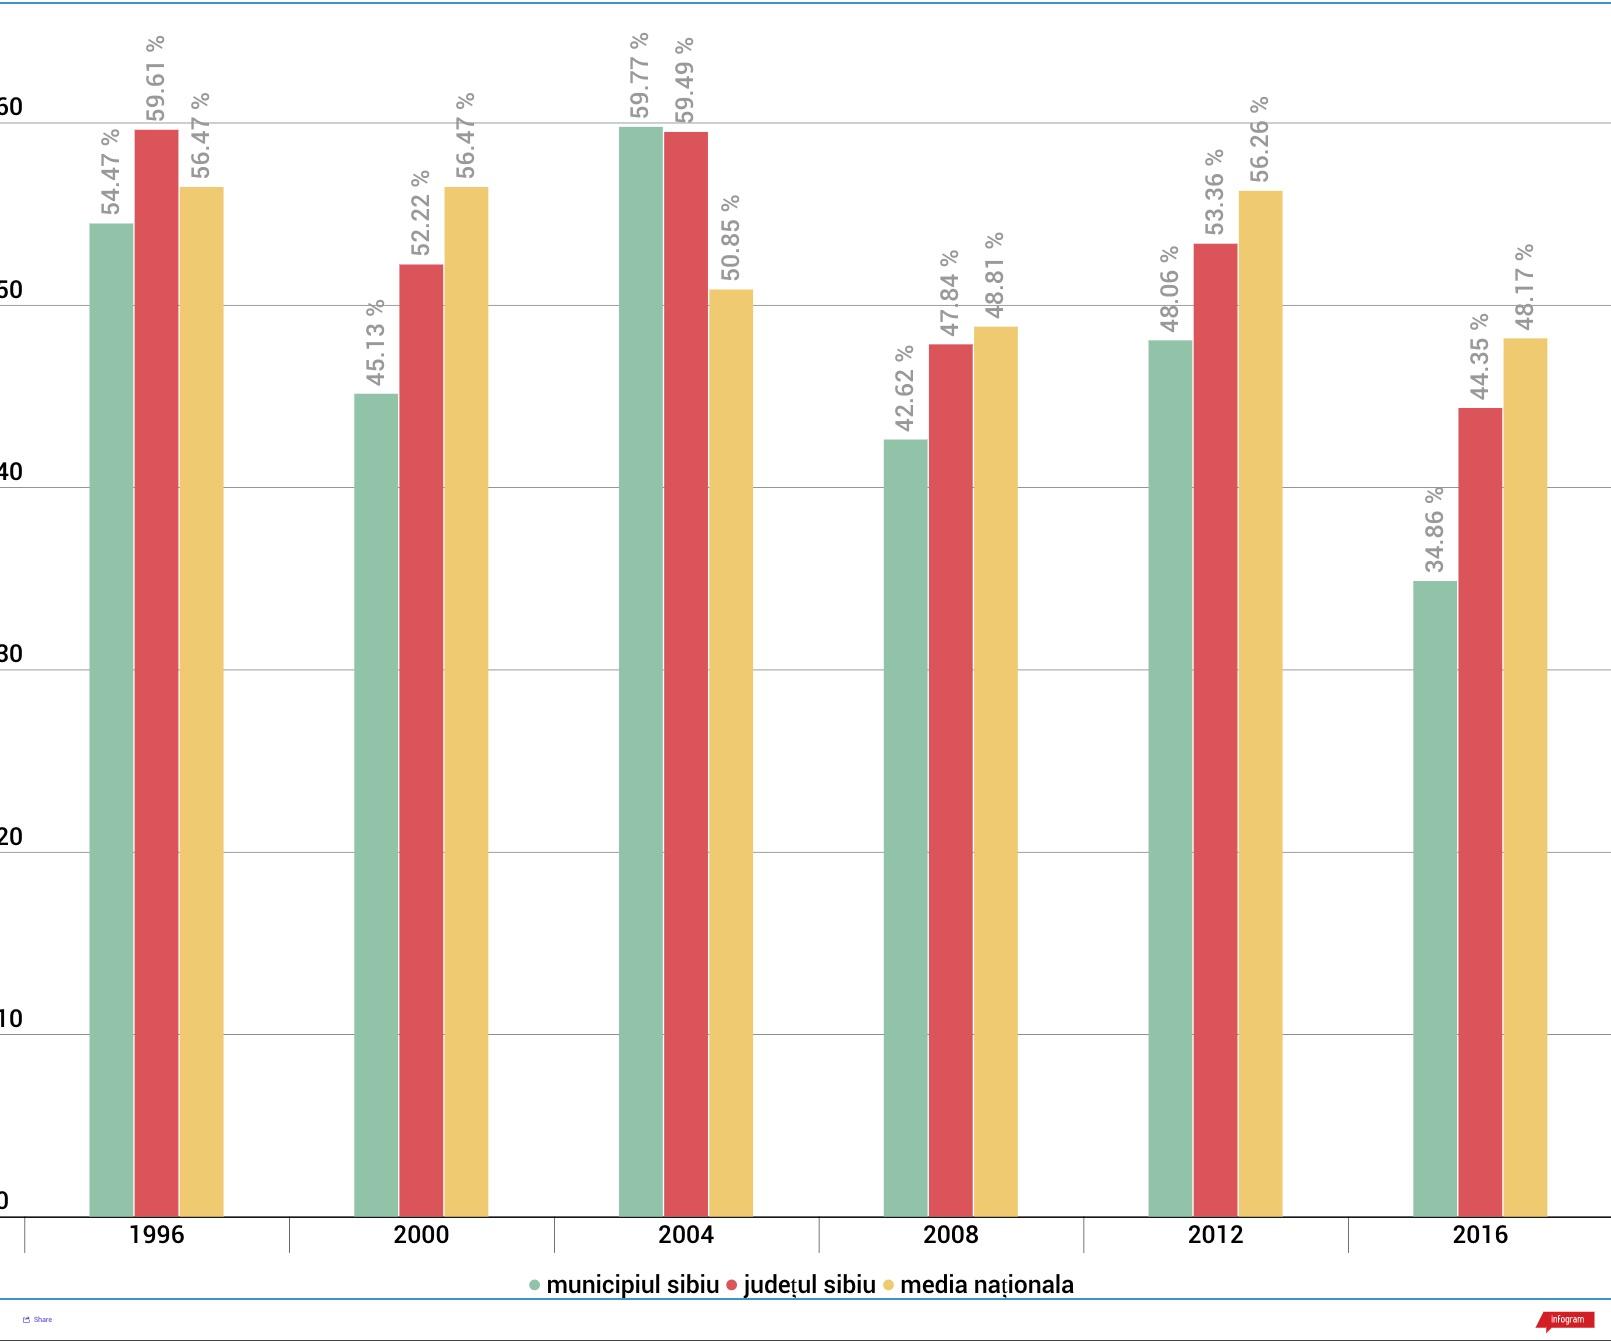 Sibienii și alegerile locale: prezență sub media națională, iar municipiul Sibiu se mobilizează mai puțin decât județul